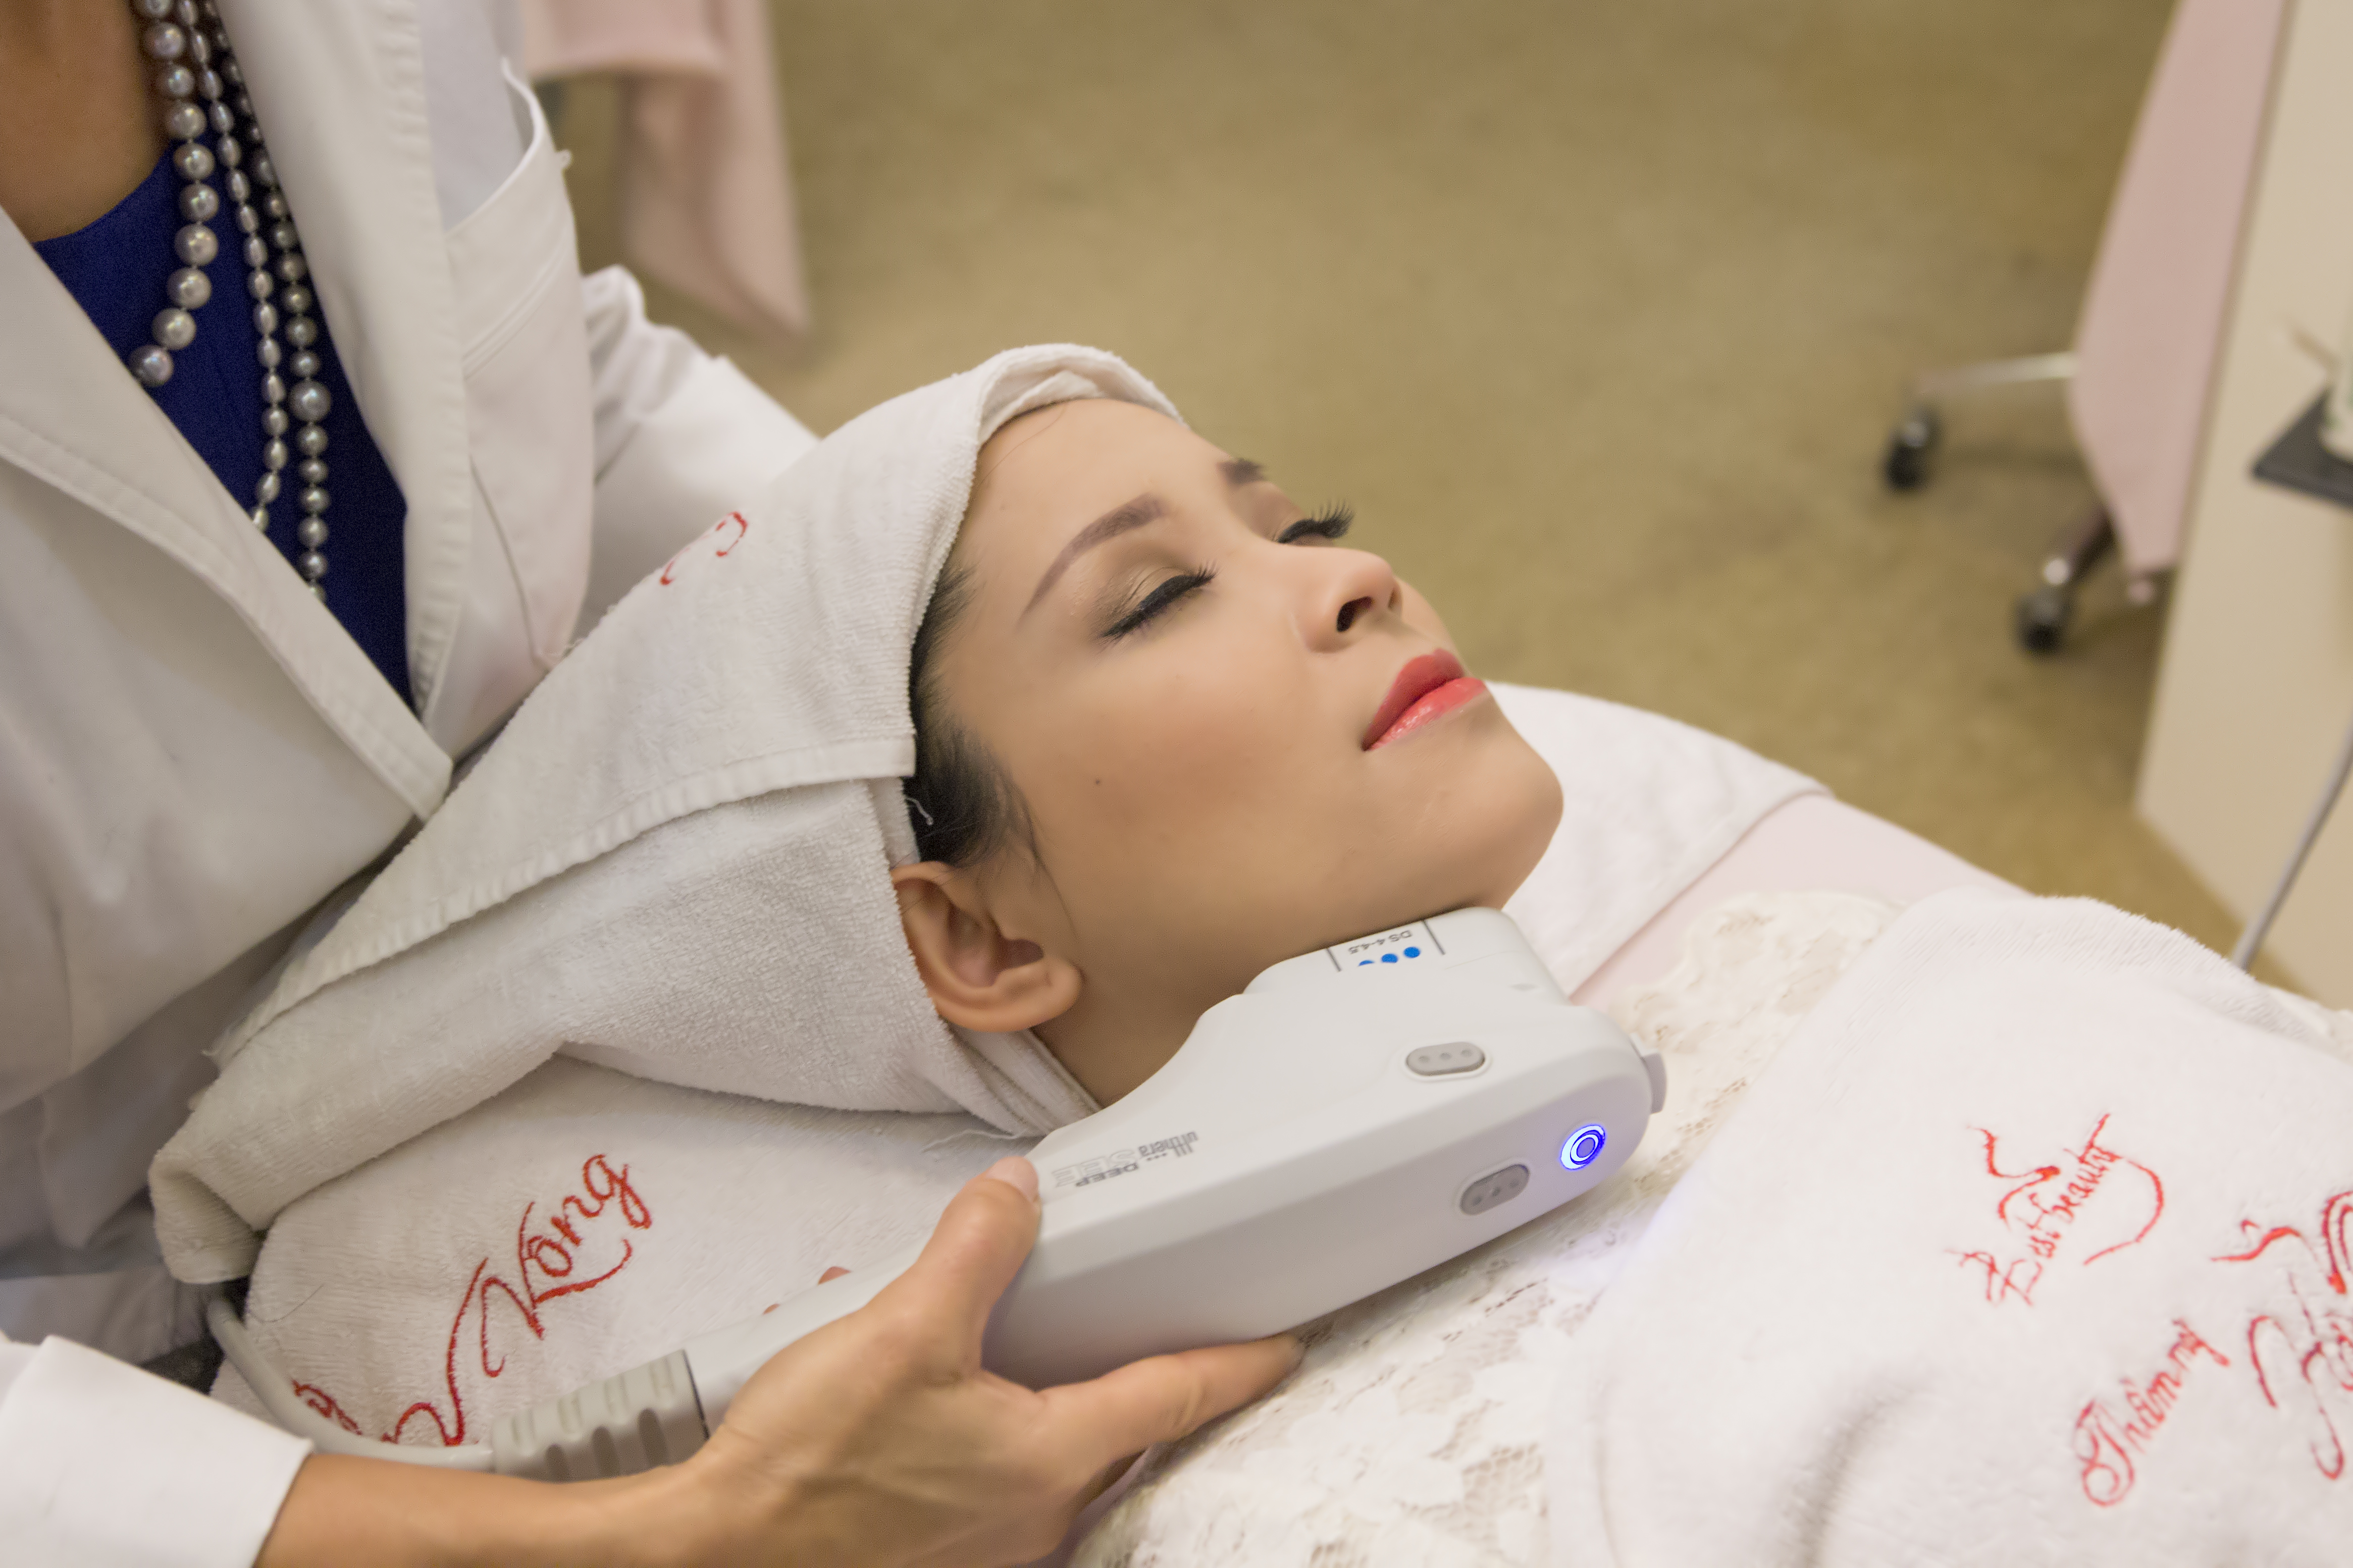 Công nghệ Ultherapy sử dụng sóng siêu âm hội tụ vi điểm tác động sâu vào các mô mỡ